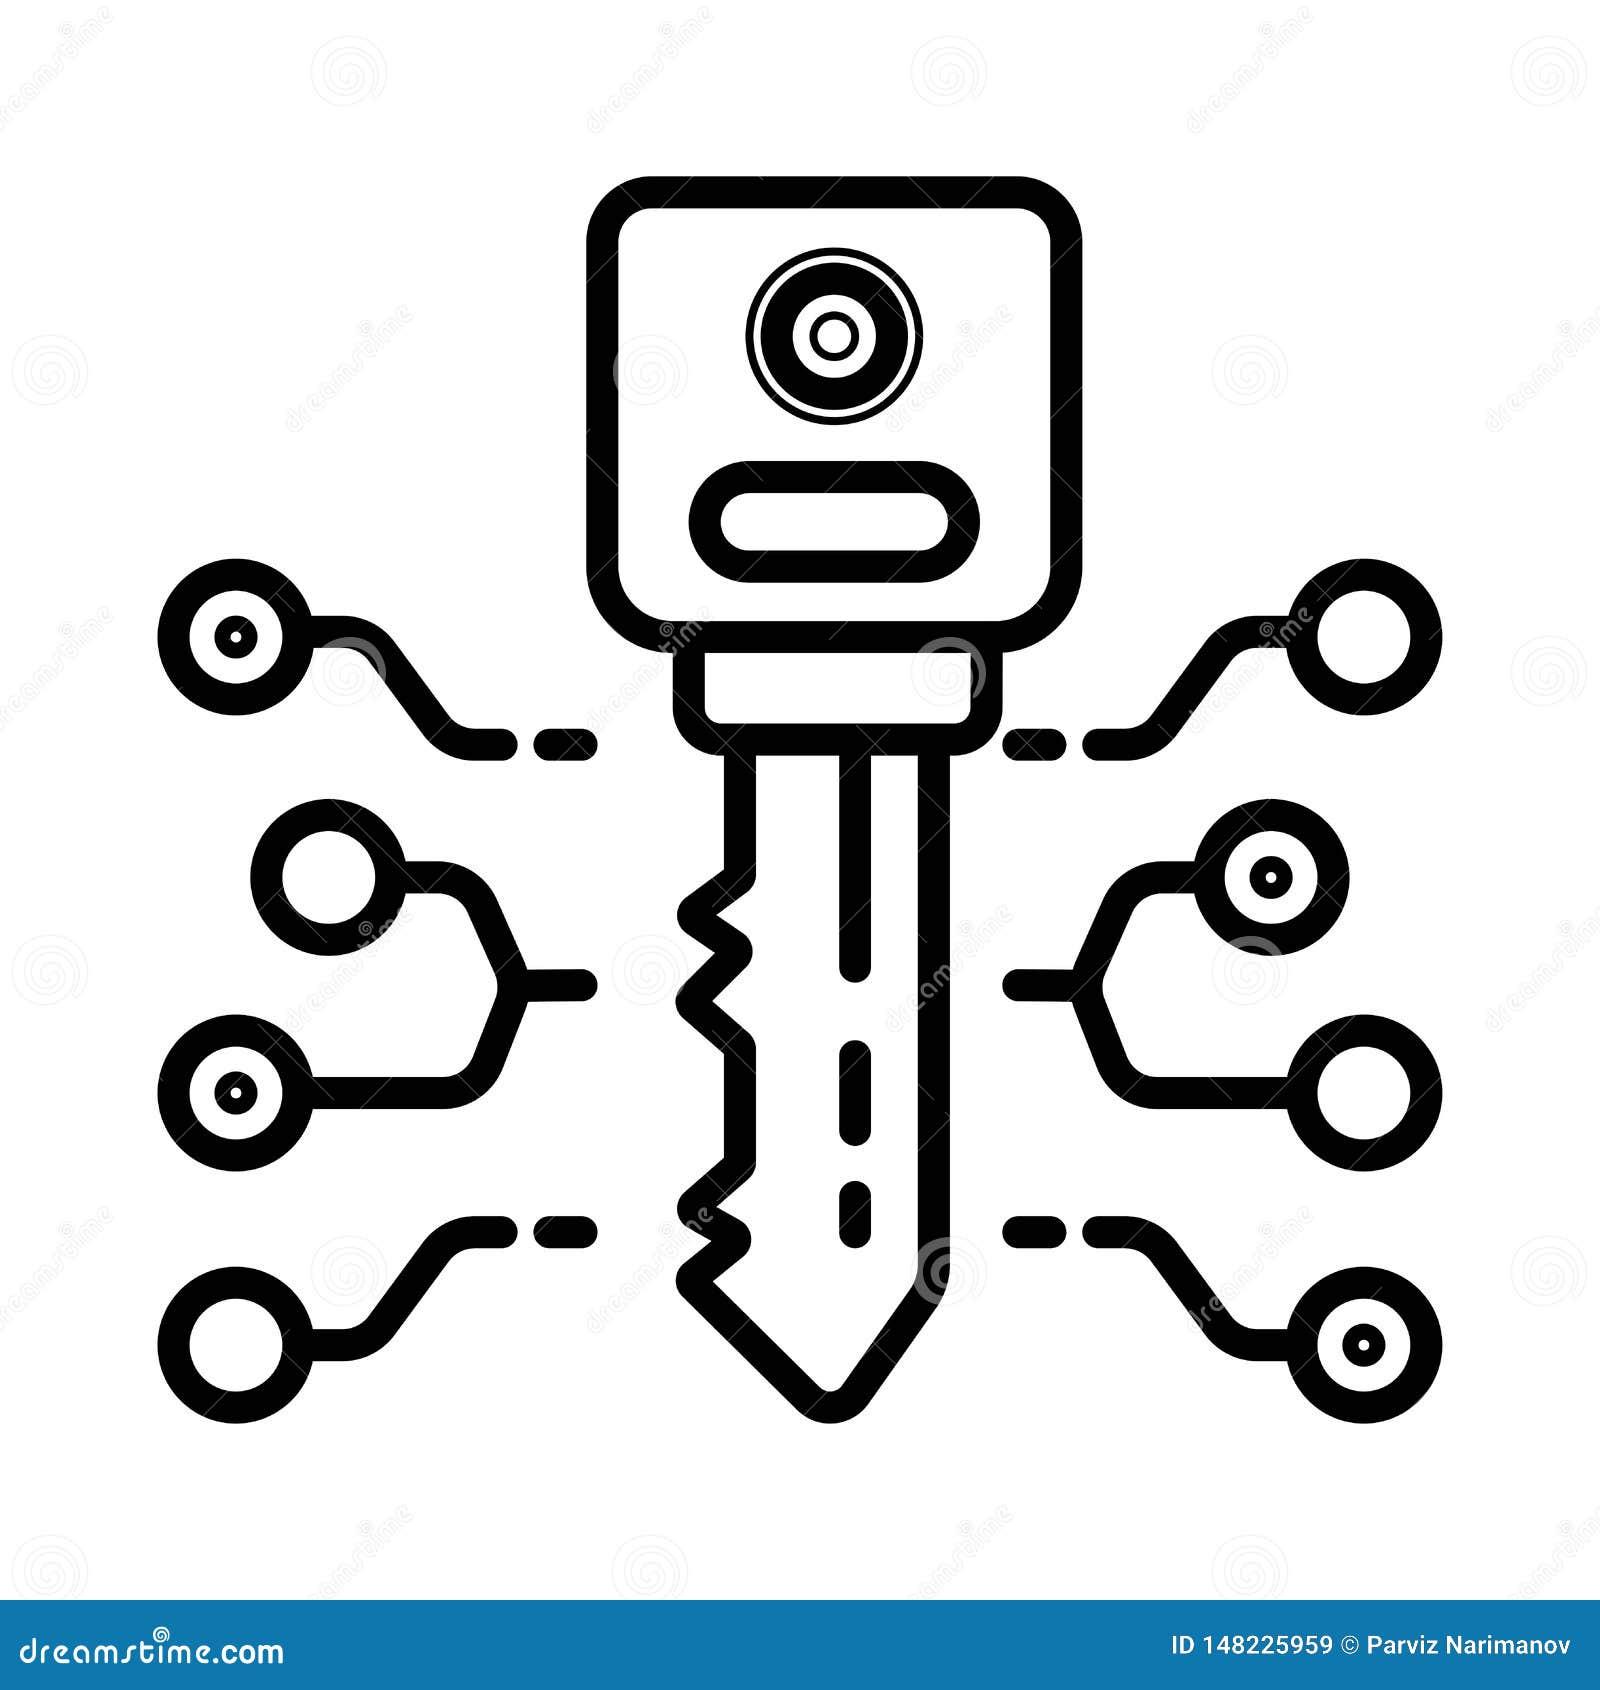 Techno key icon